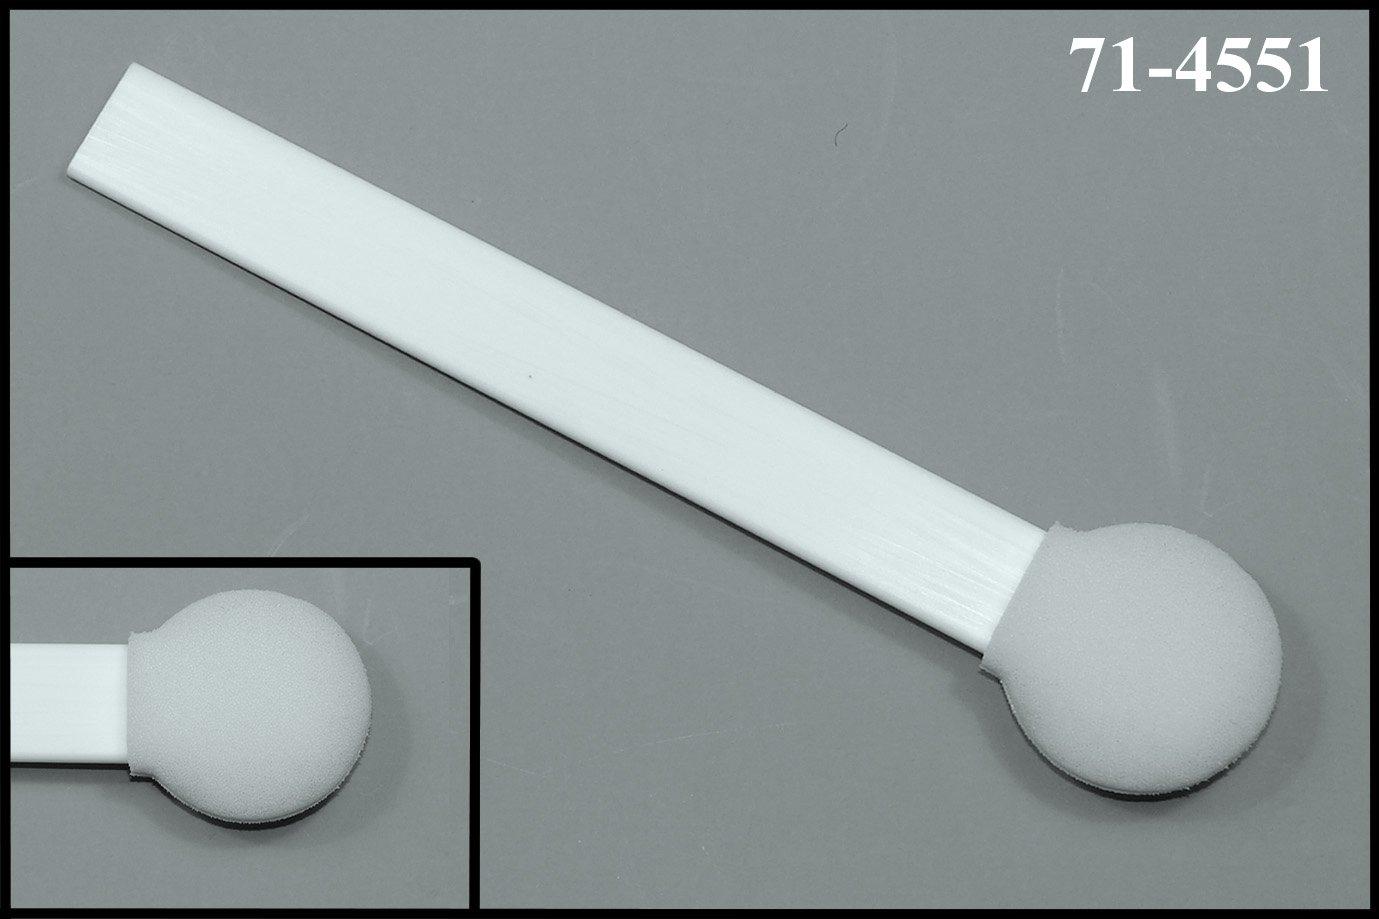 (Bag of 50 Swabs) 6'' Flat Handle with 1.2'' Diameter Mitt Foam Swab: 71-4551